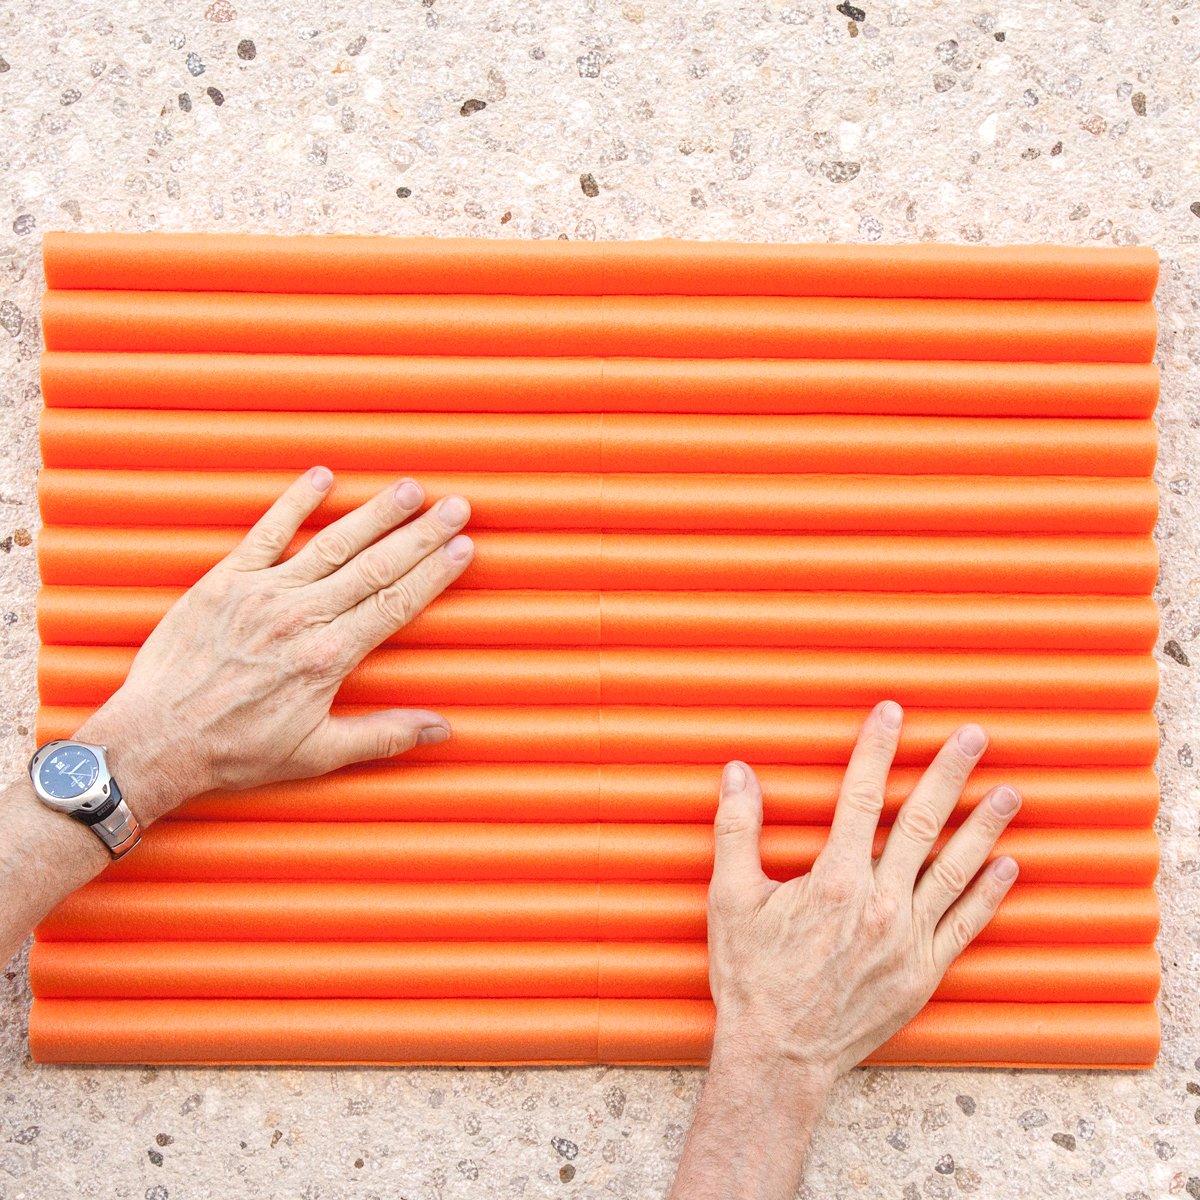 Idrorepellenti Pannelli Mondaplen Wall Bumper di G2C Set da 4 Pannelli Adesivi Ammortizzanti Colore: Nero 44cm x 59cm luno Paracolpi Garage per proteggere le portiere dellauto